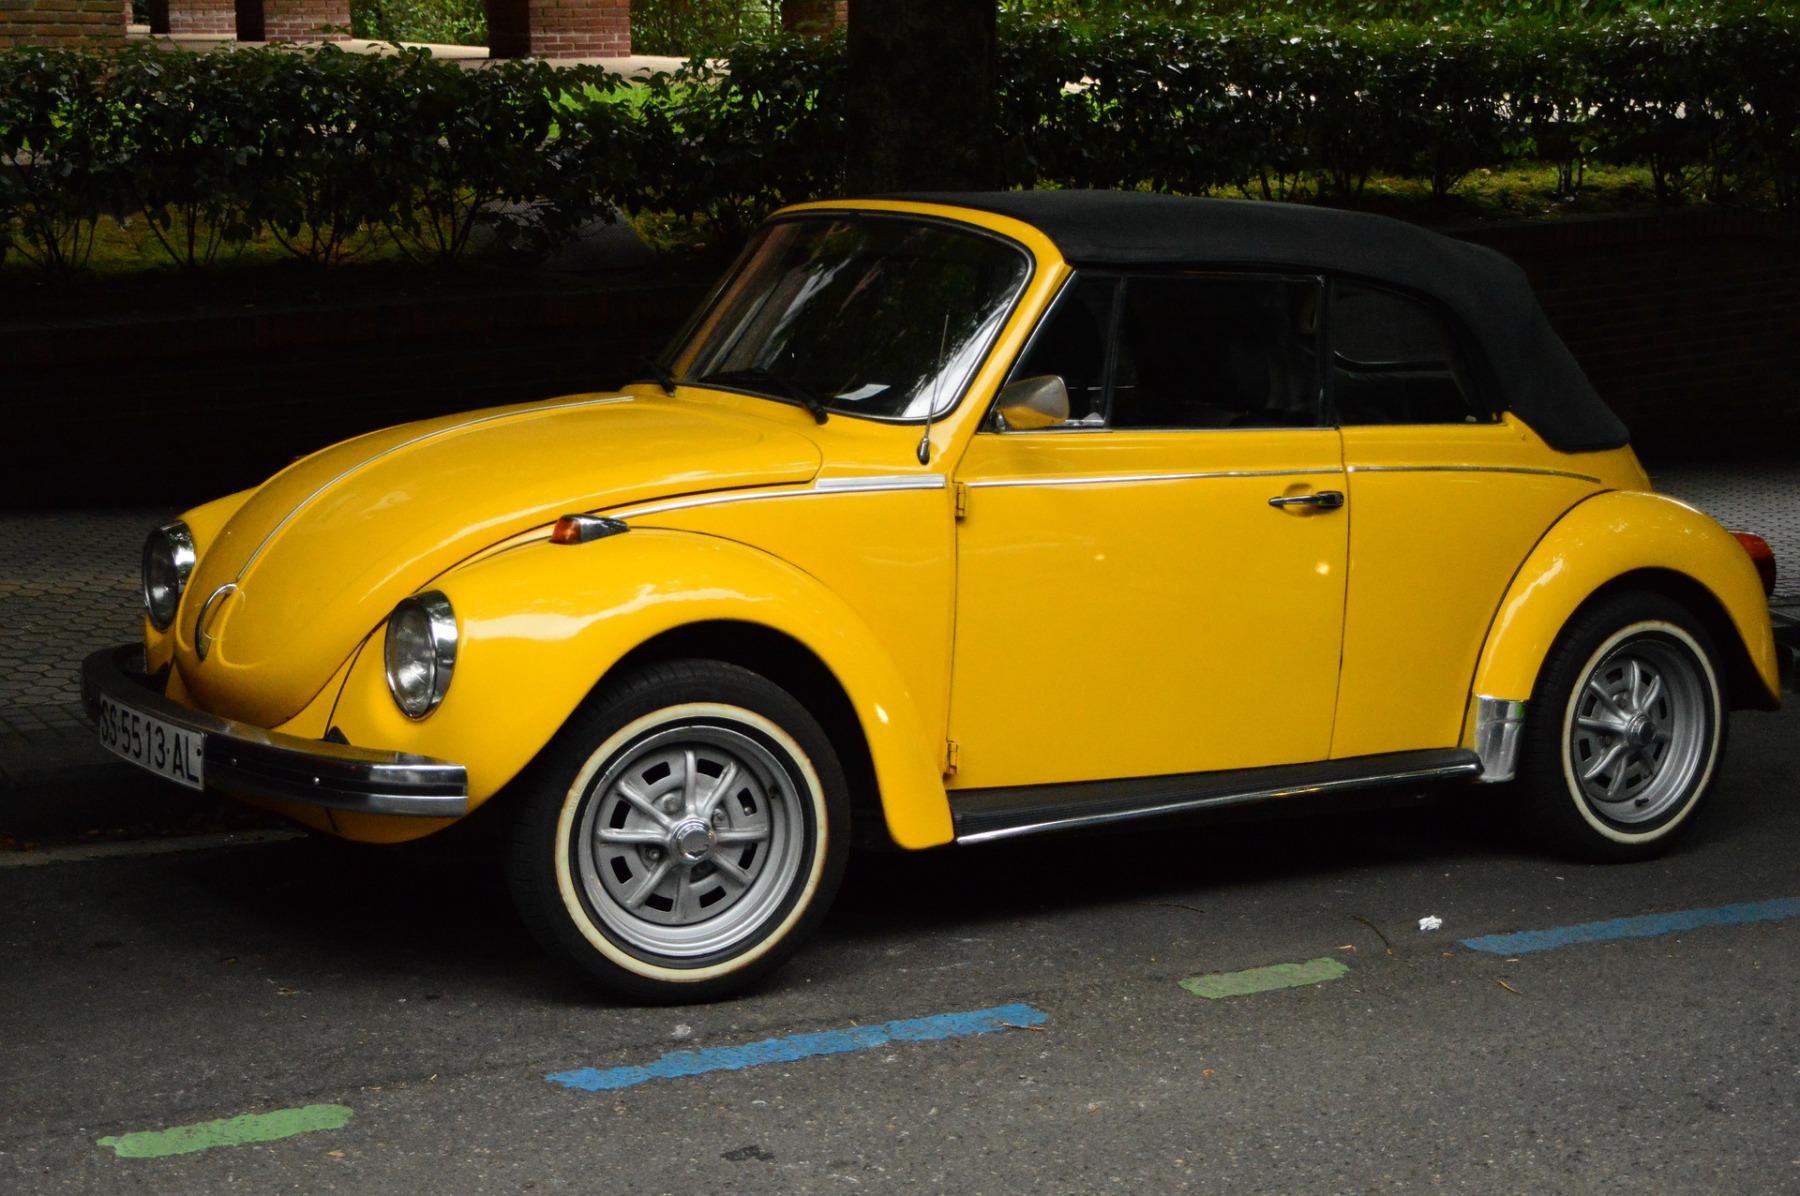 auto-3895862_1920